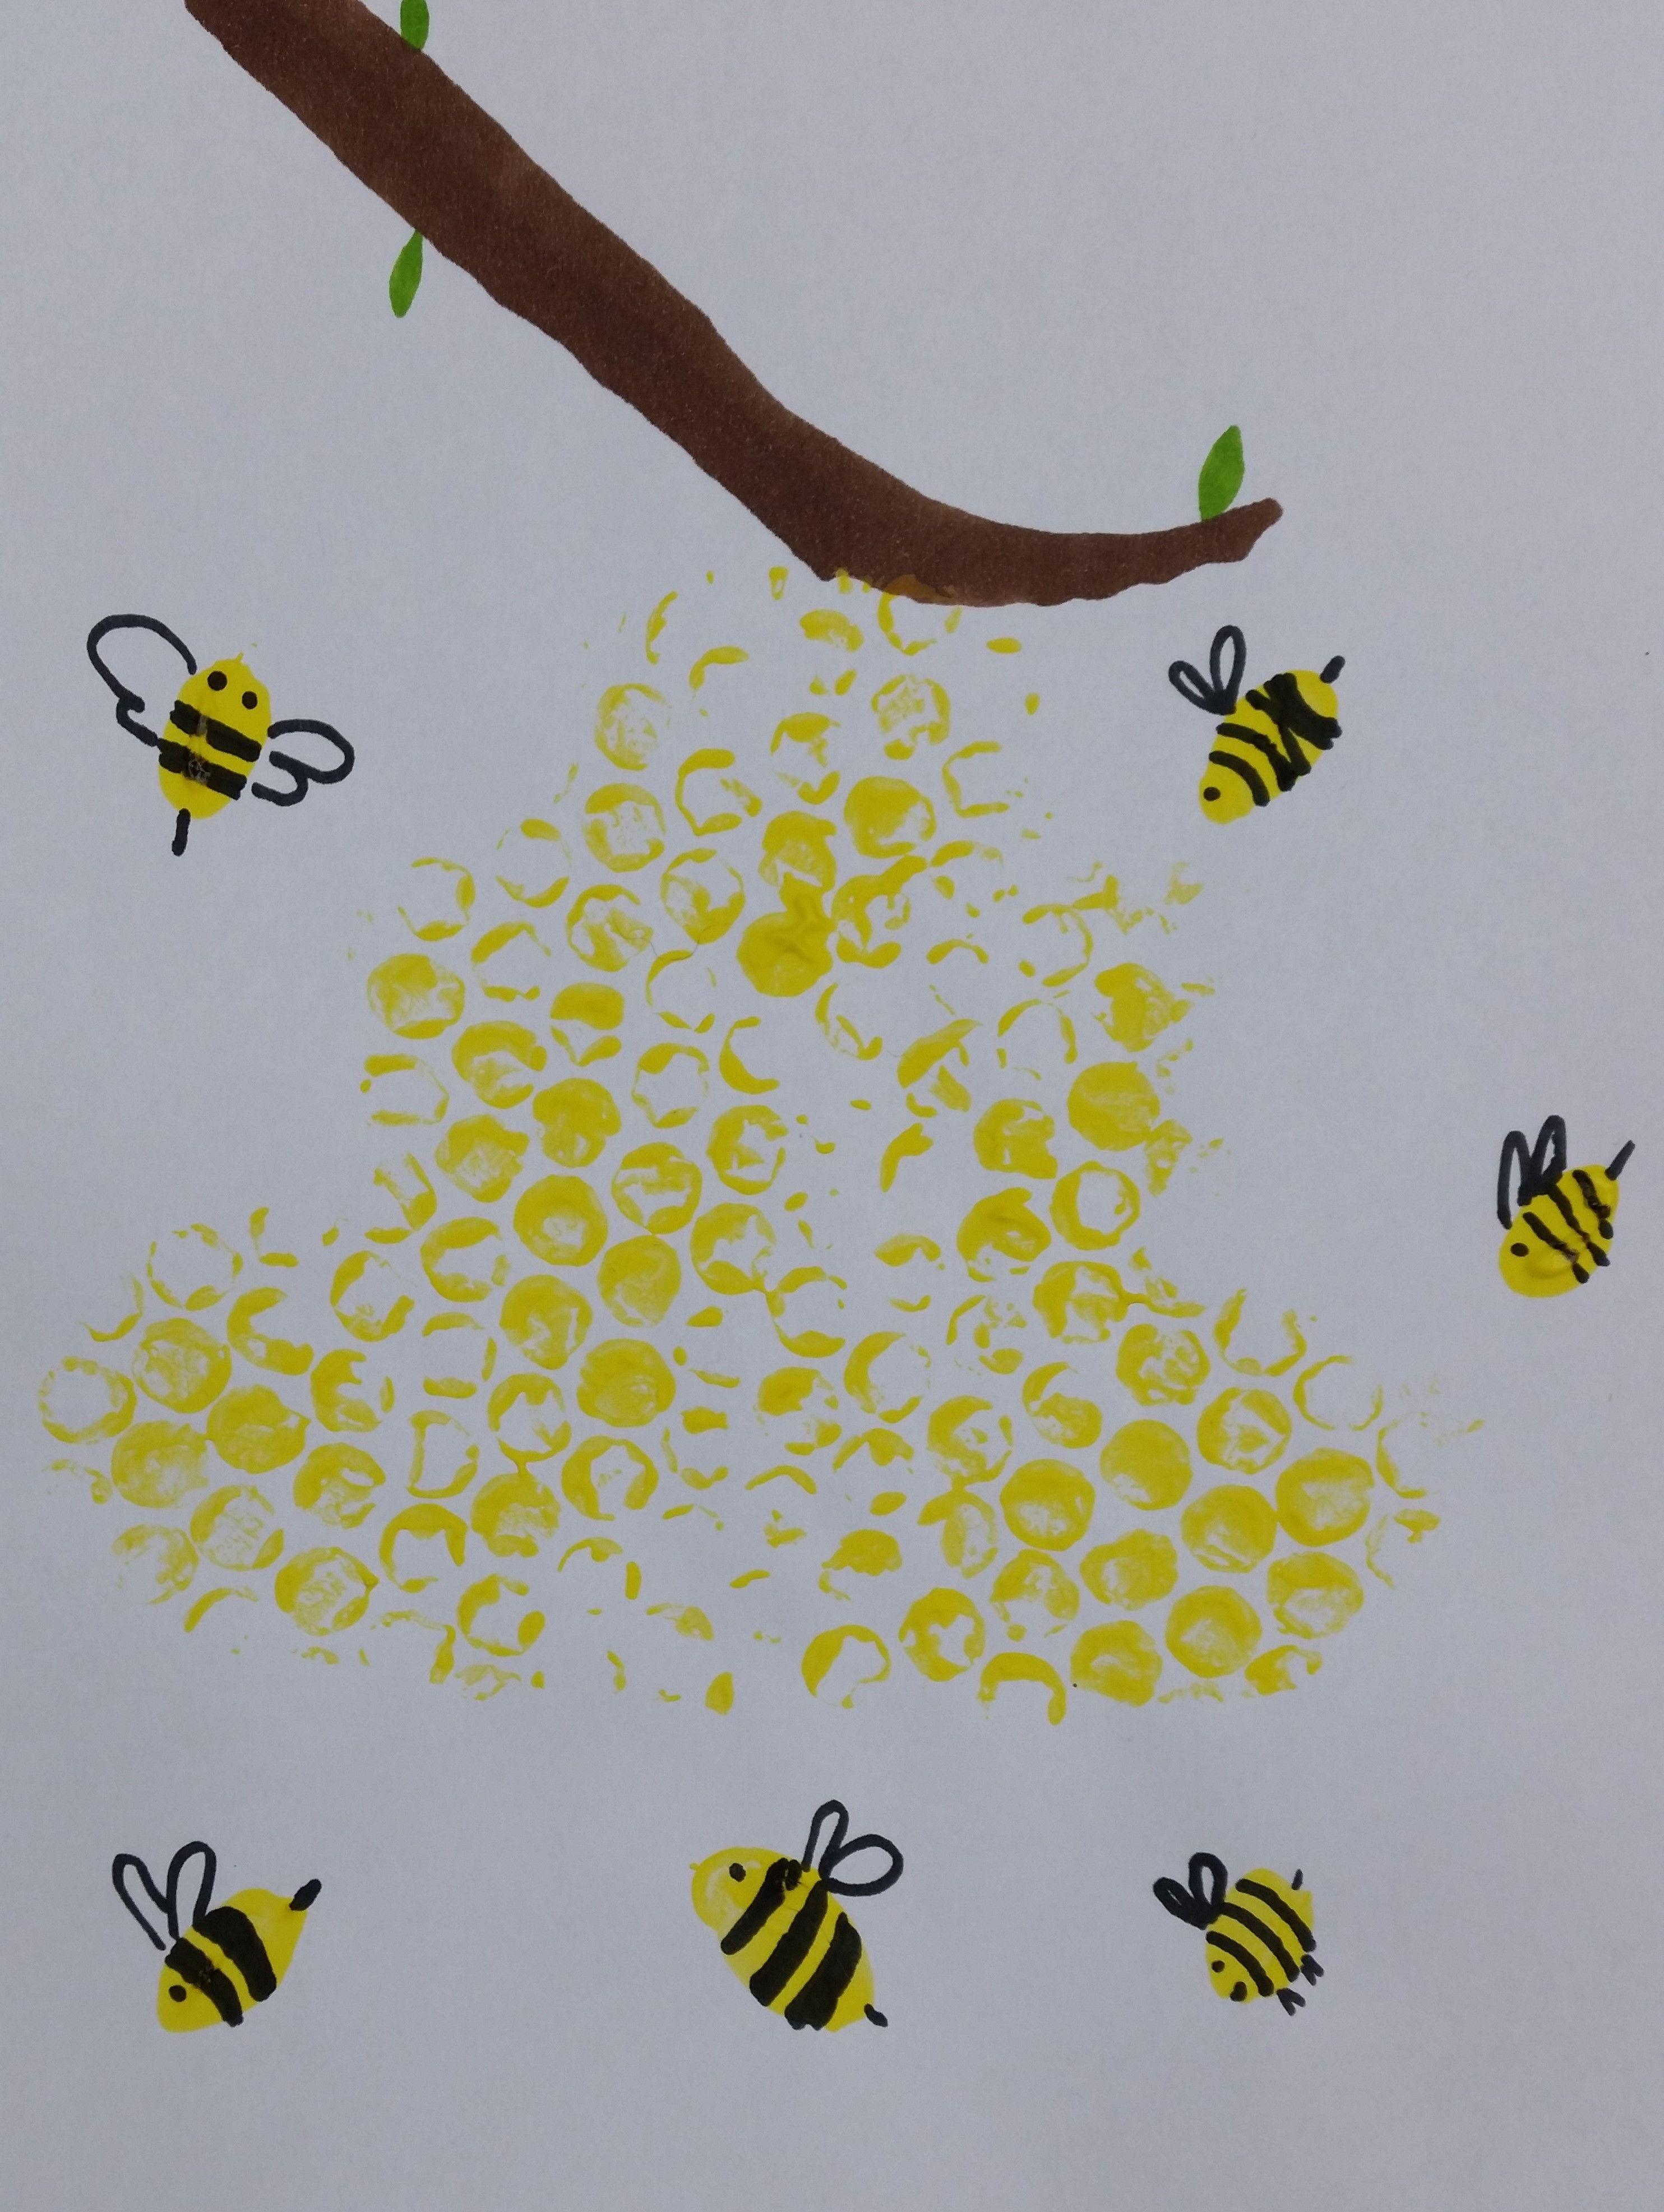 bienenstock und bienen malen basteln mit kindern pinterest biene malen bienen und malen. Black Bedroom Furniture Sets. Home Design Ideas